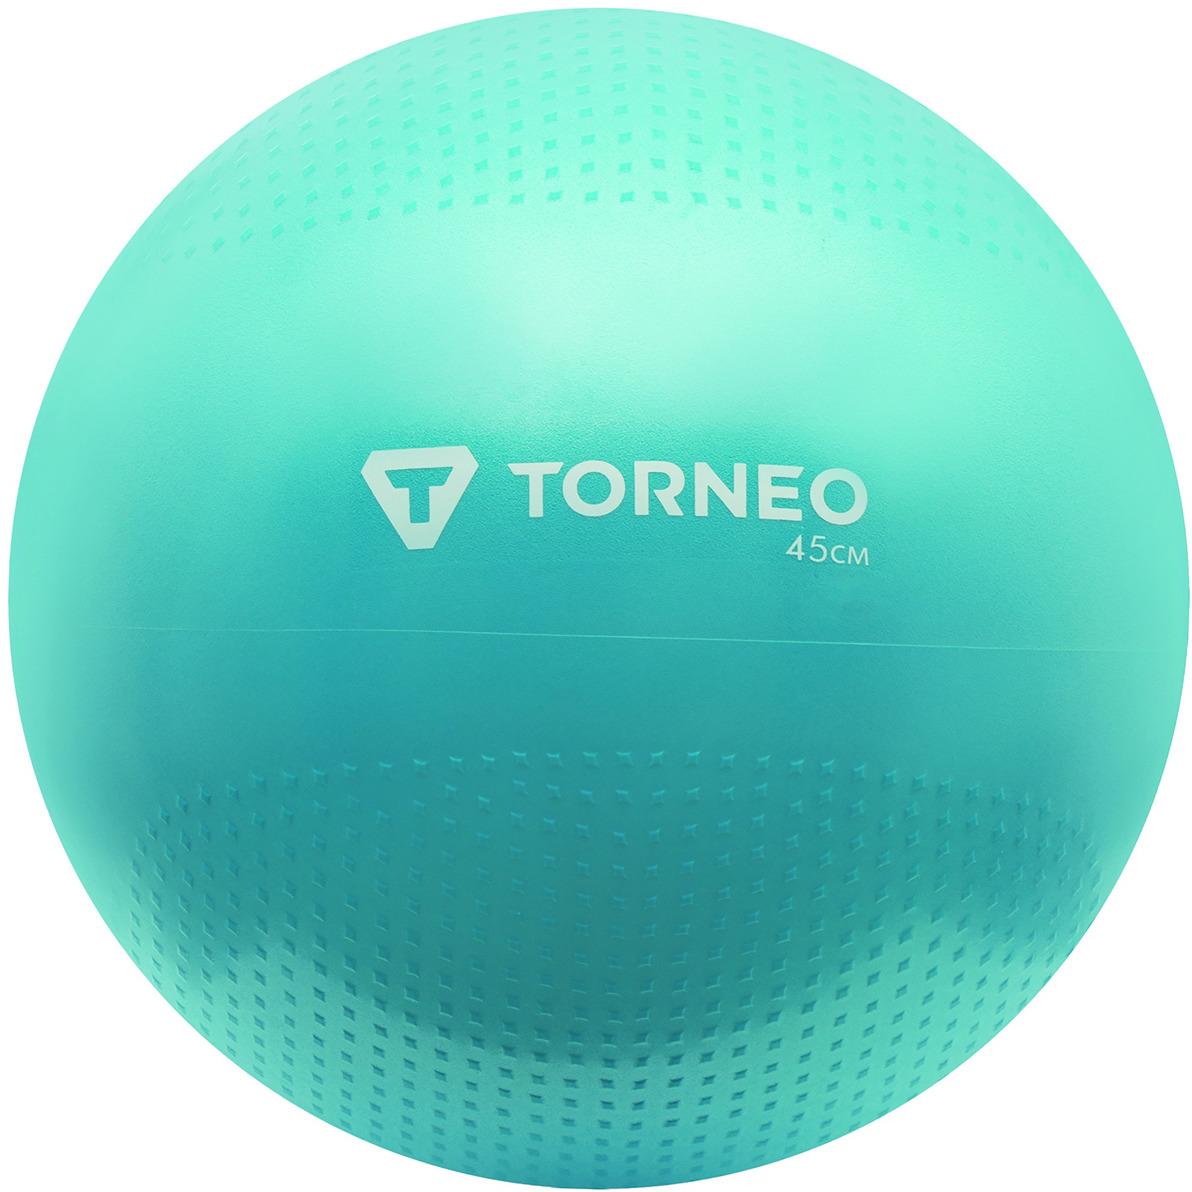 Мяч гимнастический Torneo, с насосом, цвет: голубой, 45 см мяч гимнастический indigo in001 цвет голубой диаметр 75 см